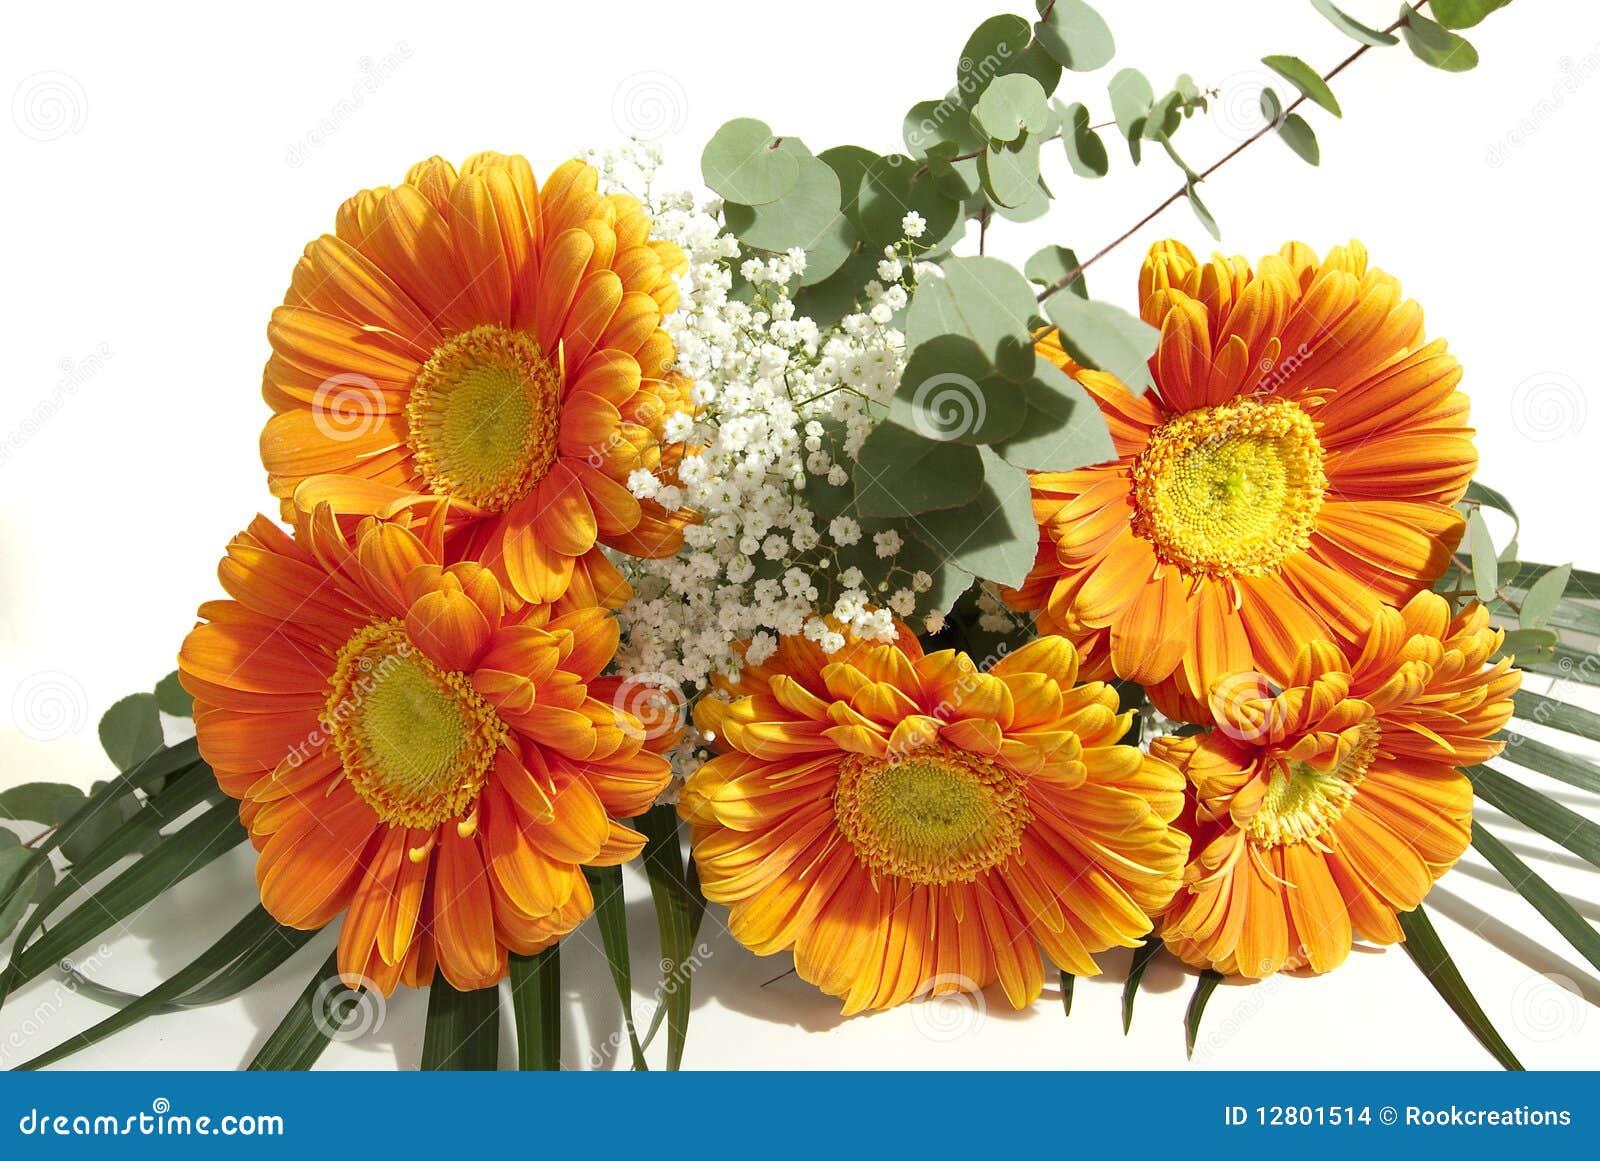 Mazzo di fiori del gerbera immagini stock immagine 12801514 - Immagini di fiori tedeschi ...